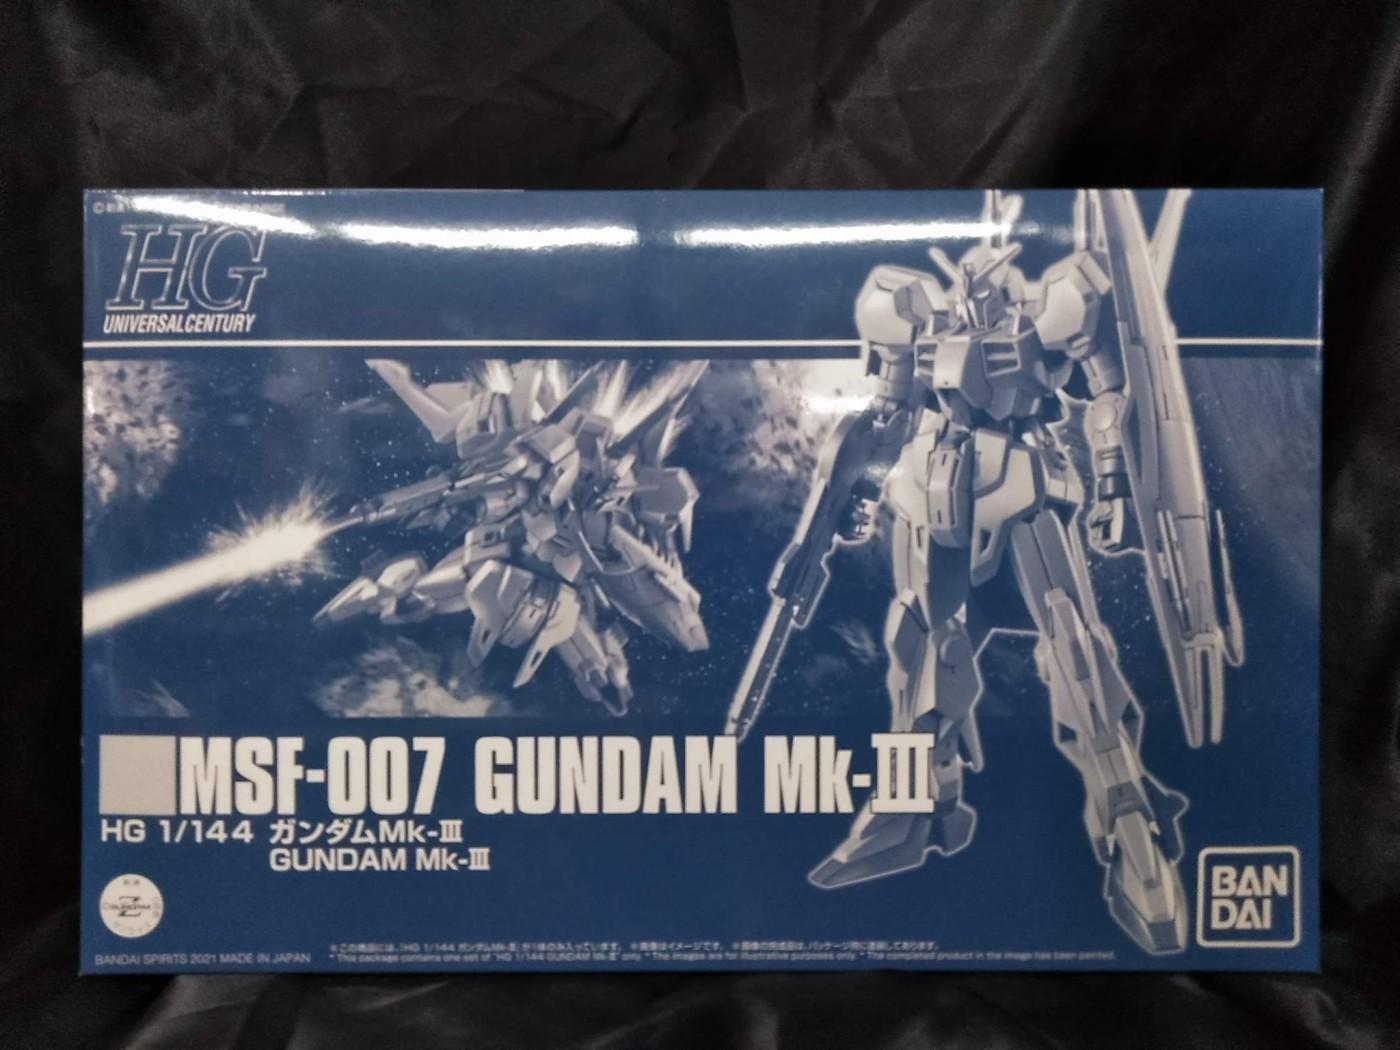 ゼスト所沢店の買取情報!!『バンダイの1/144 HGUC MSF-007 ガンダムMk-III 「機動戦士Zガンダム MSV」』